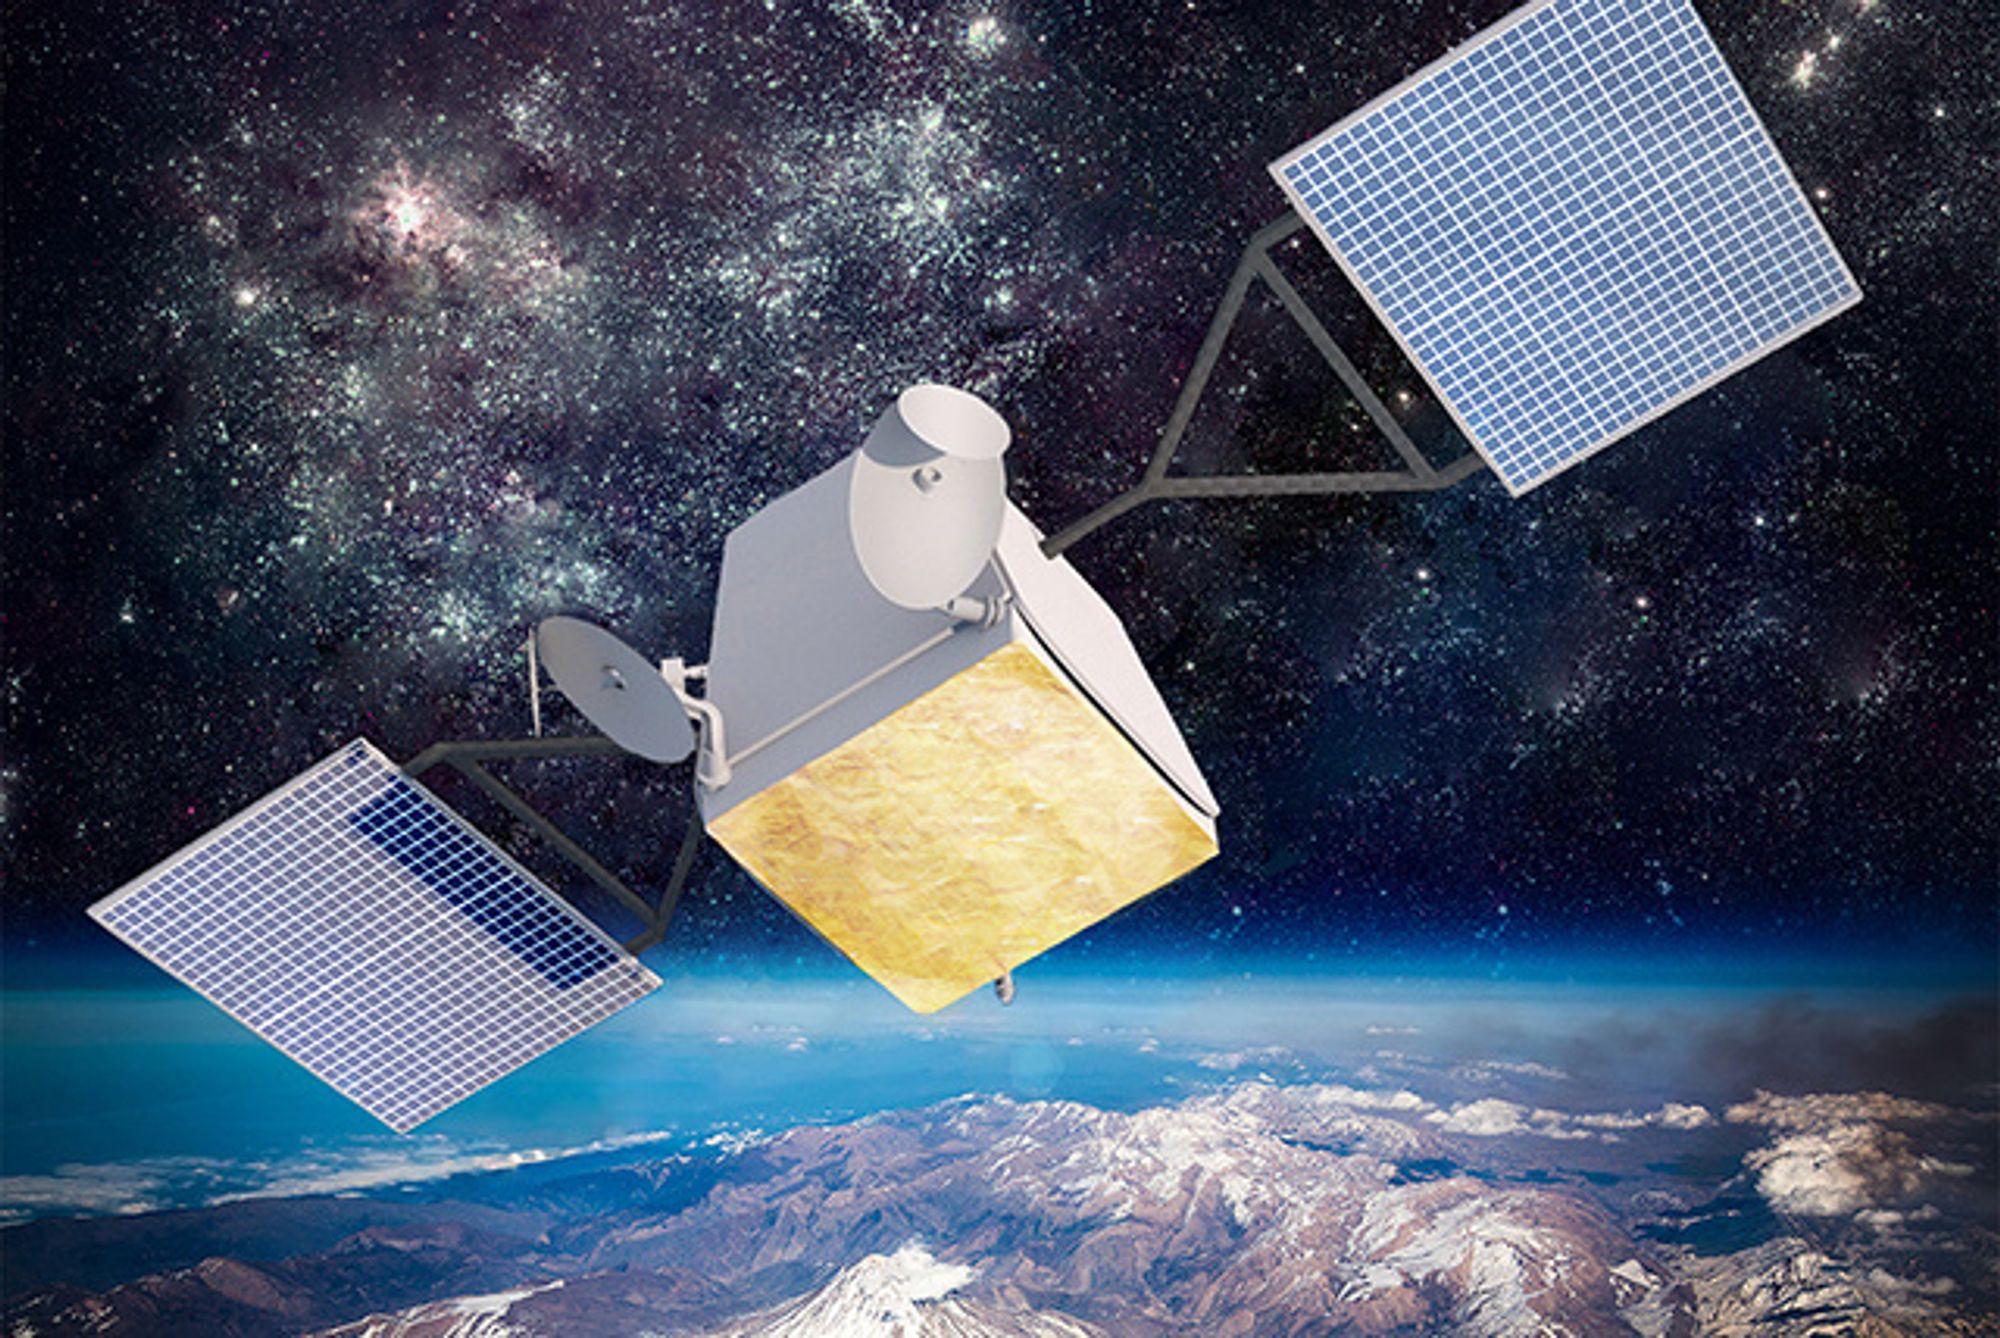 Airbus og selskapet OneWeb planlegger å bygge 900 satellitter på under 150 kg hver, som skal sørge for internett til steder som i dag har dårlig dekning.